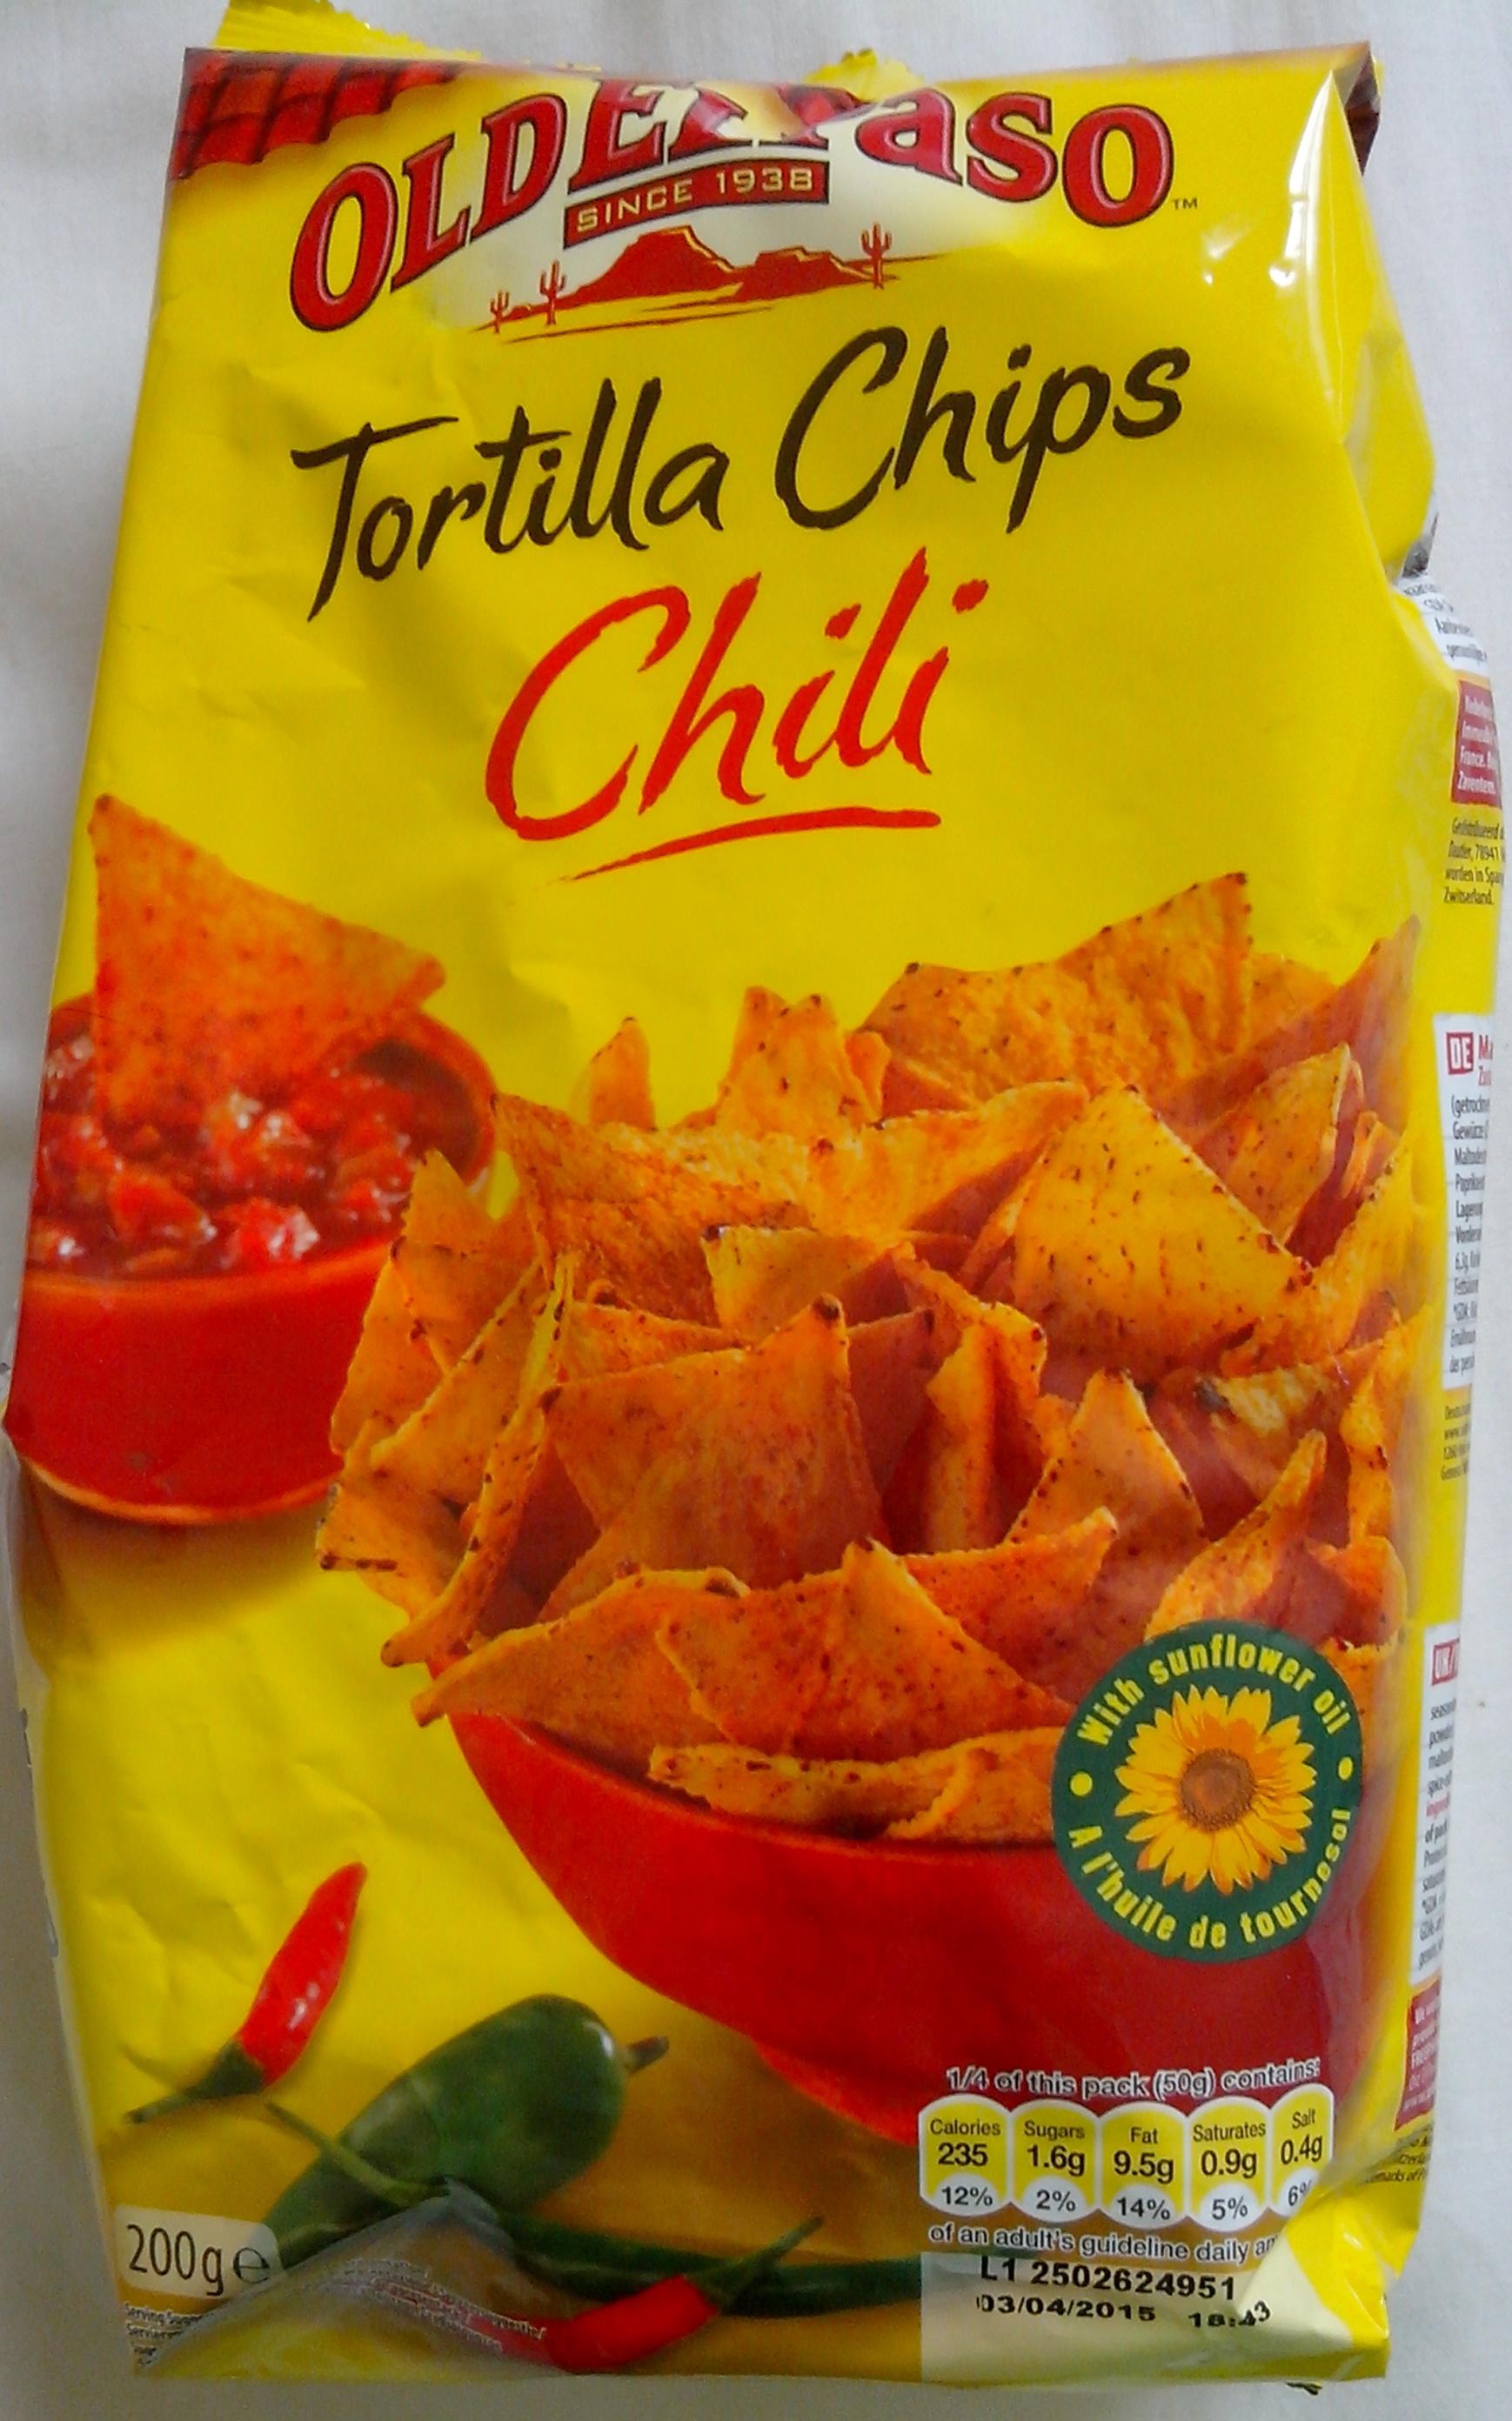 Tortilla chips chili - Prodotto - fr